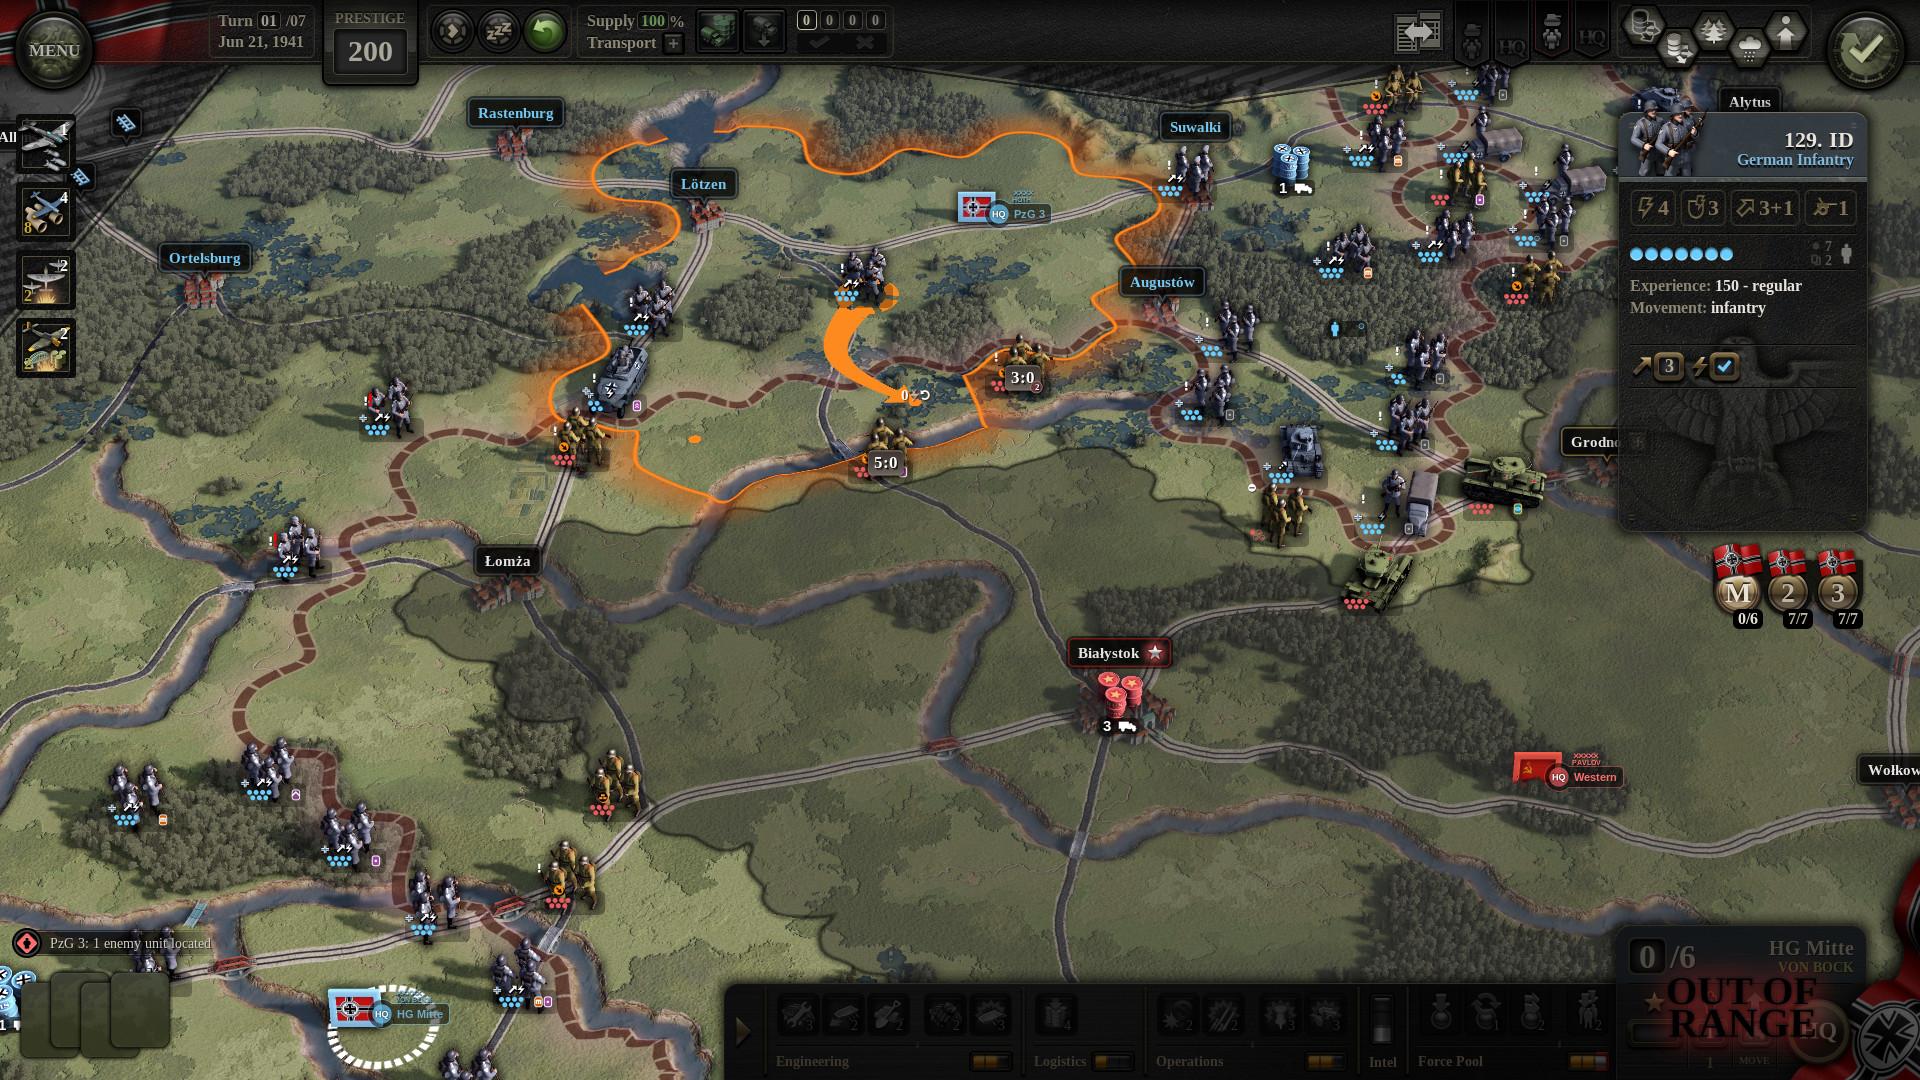 В апреле этого года 2x2 Games готовит к выходу очередной DLS - Unity of Command II - Barbarossa